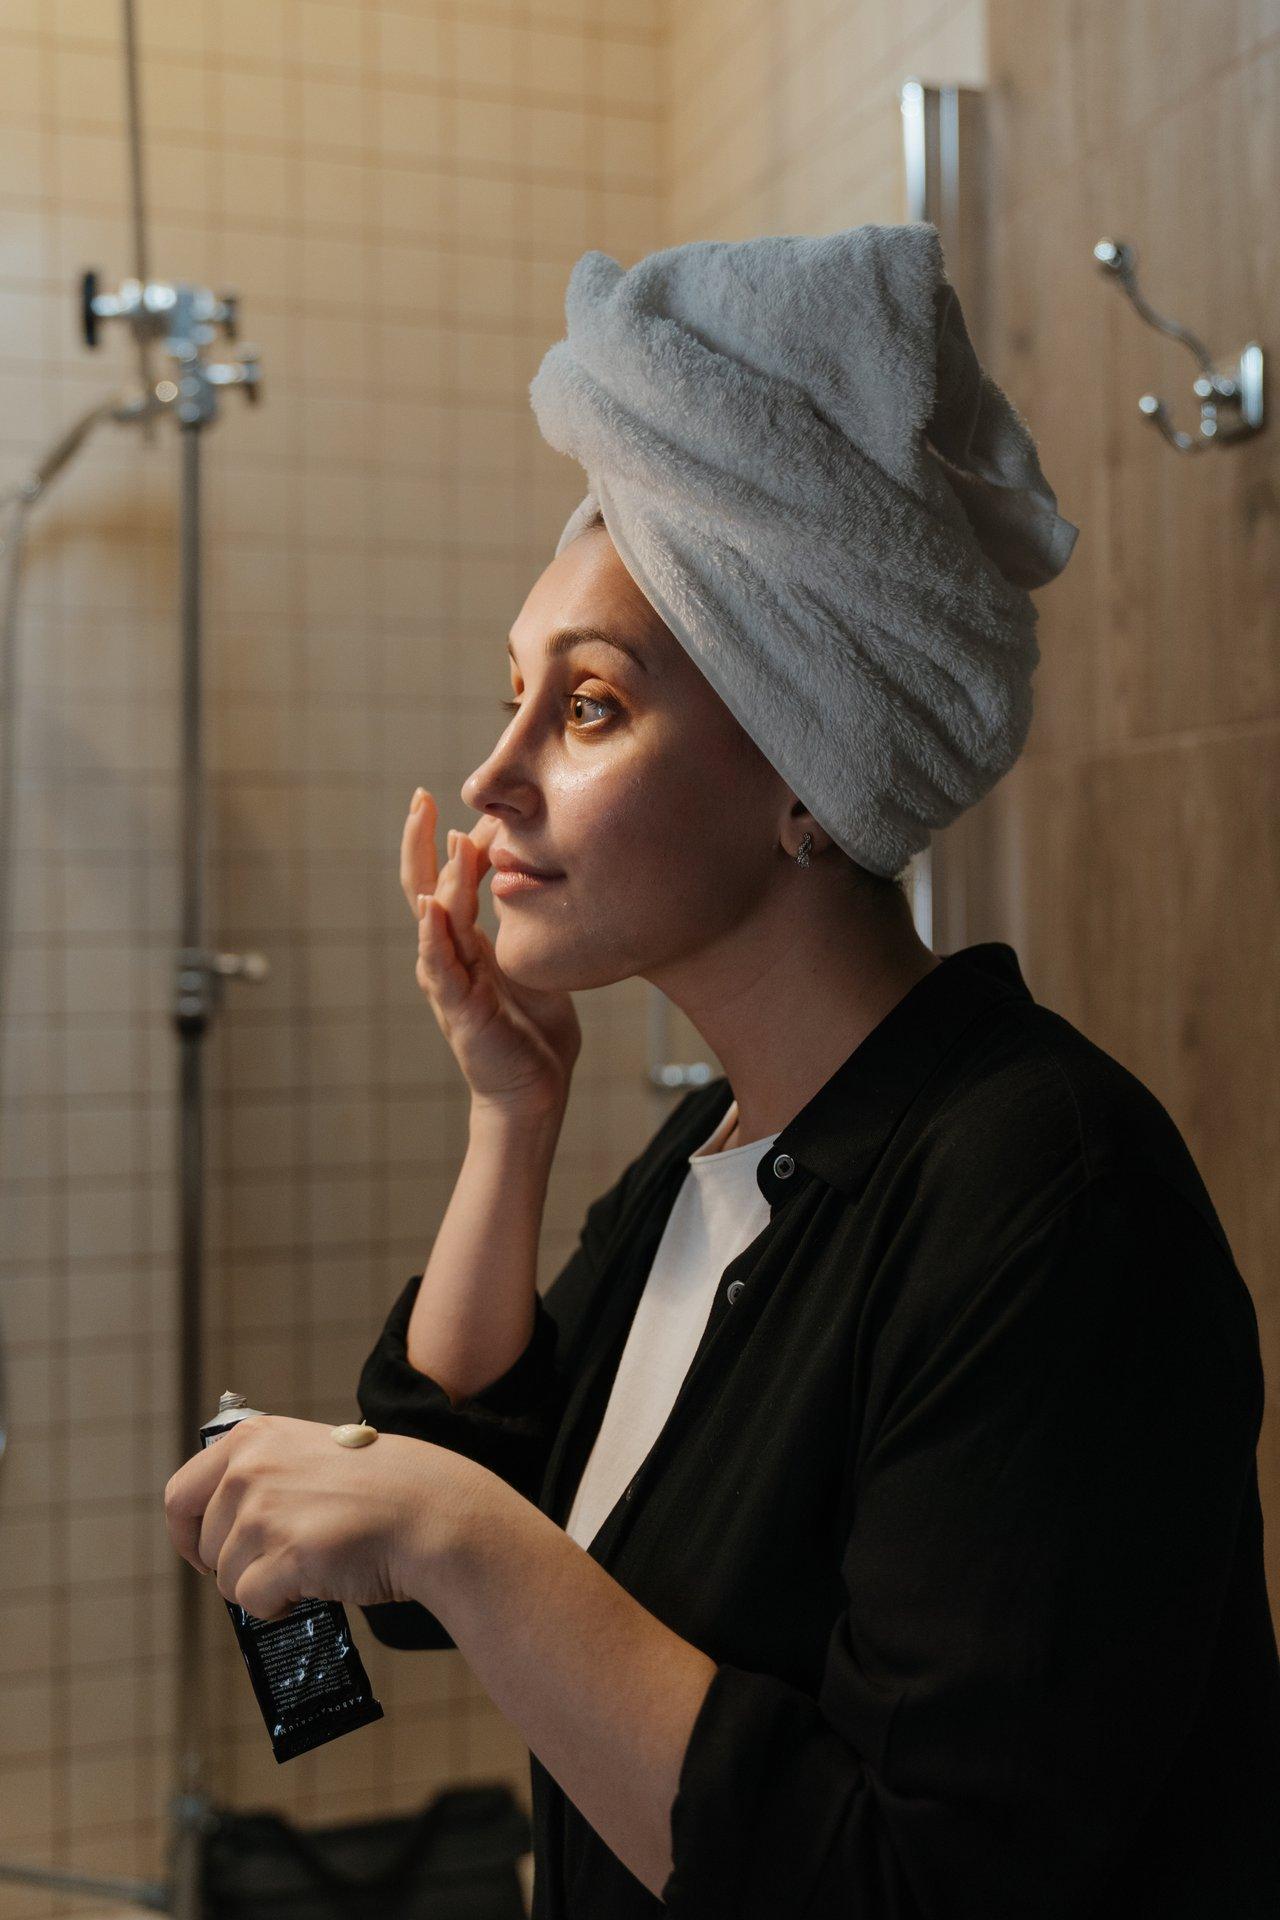 Летний уход за кожей: золотые правила для блоггера красоты